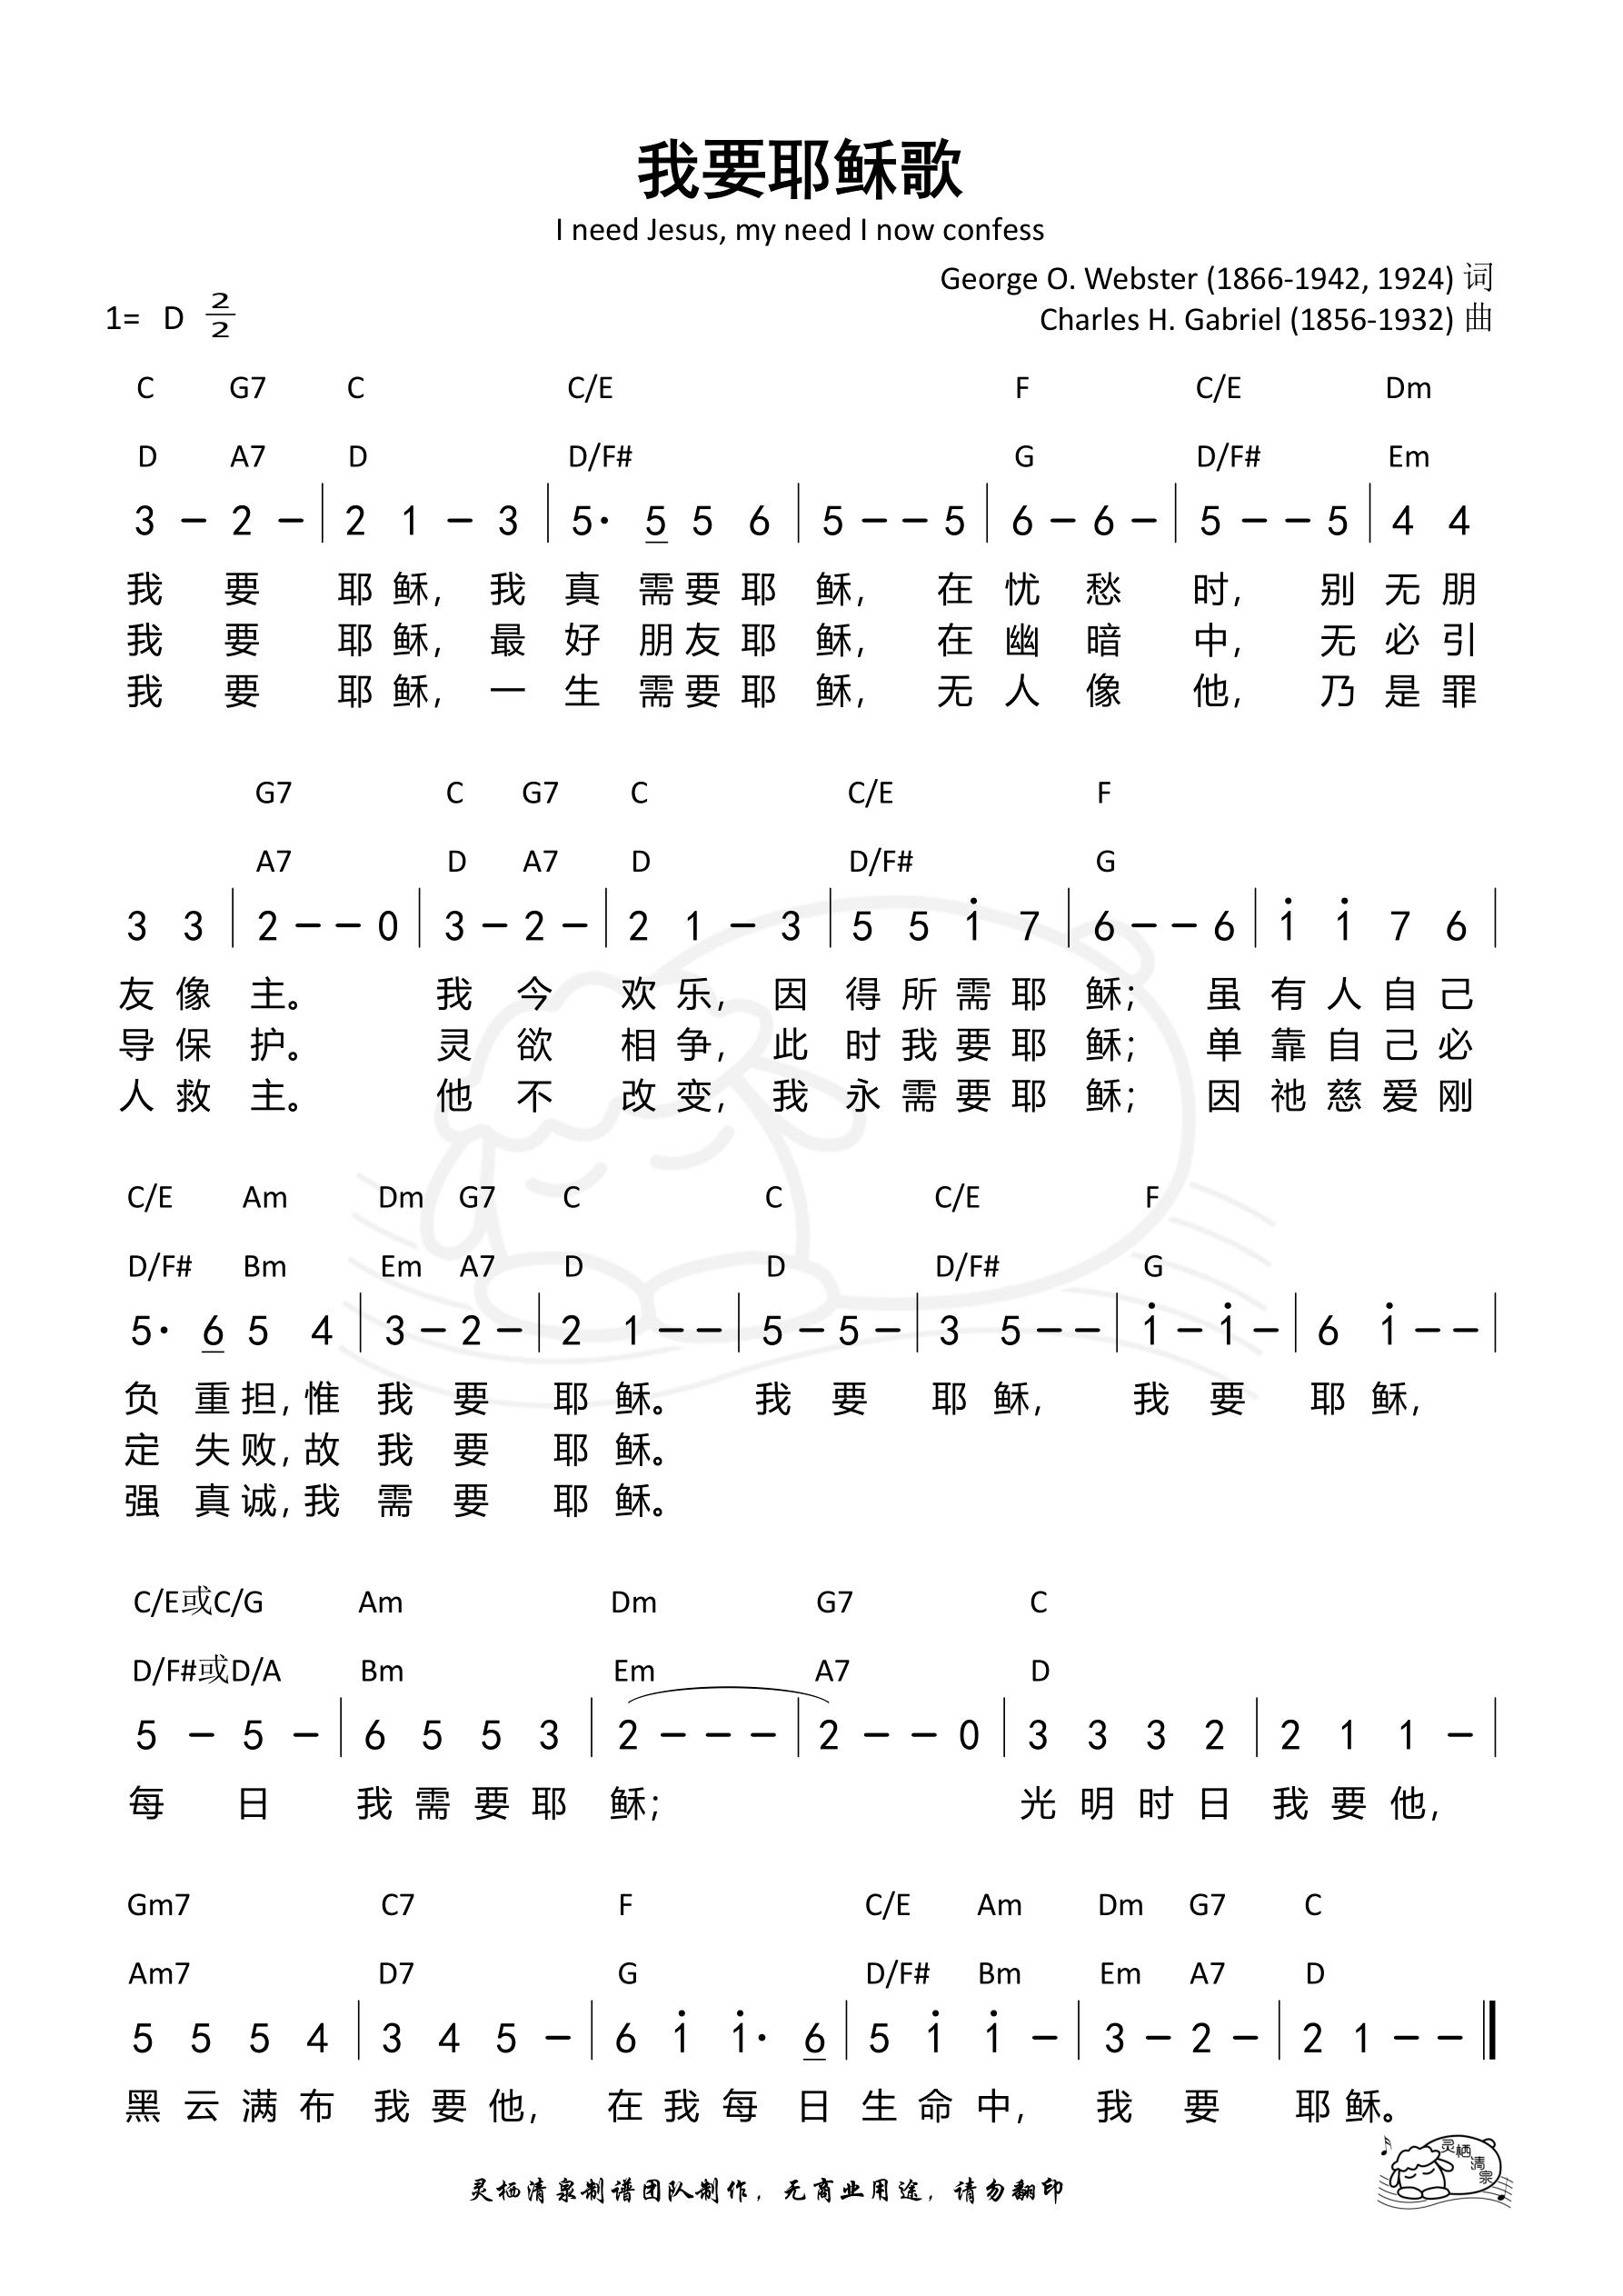 《第134首 - 我要耶稣歌 和弦简谱》